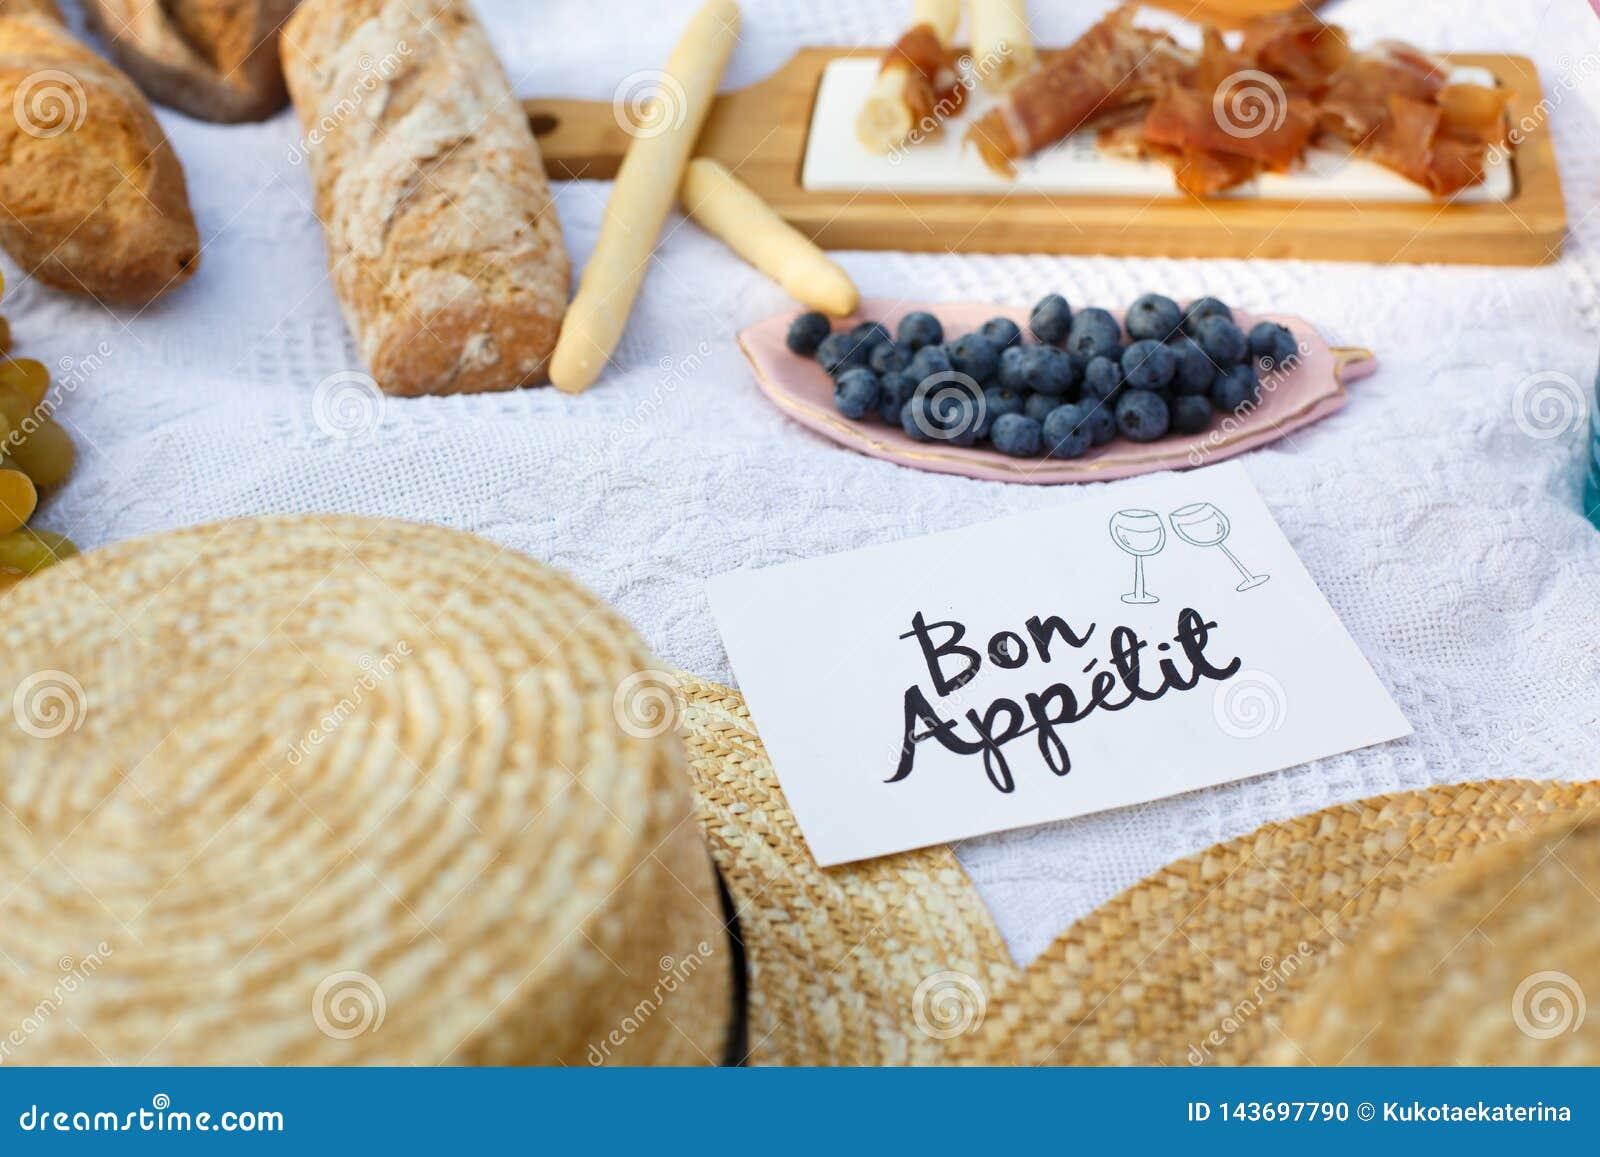 草帽在一条白色野餐毯子放置在标识牌好的妙语apetit明亮的夏日背景旁边 夏天过周末休闲